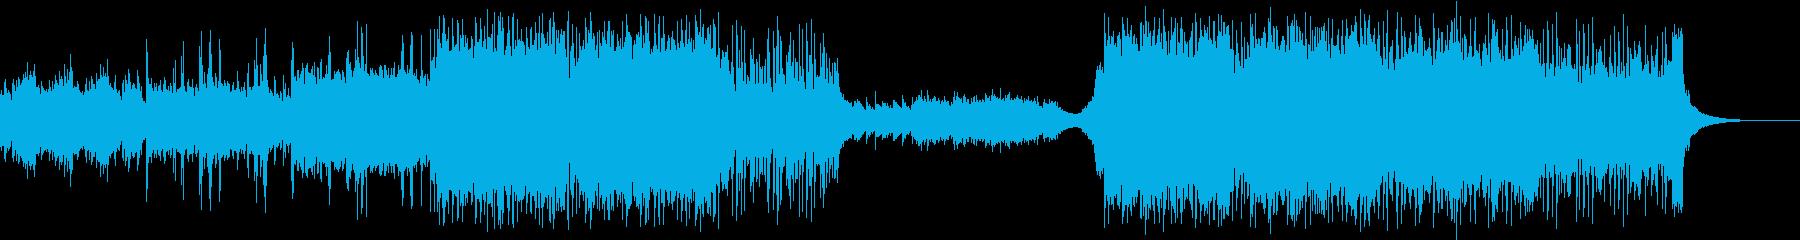 オープニング・ファンタジーの再生済みの波形